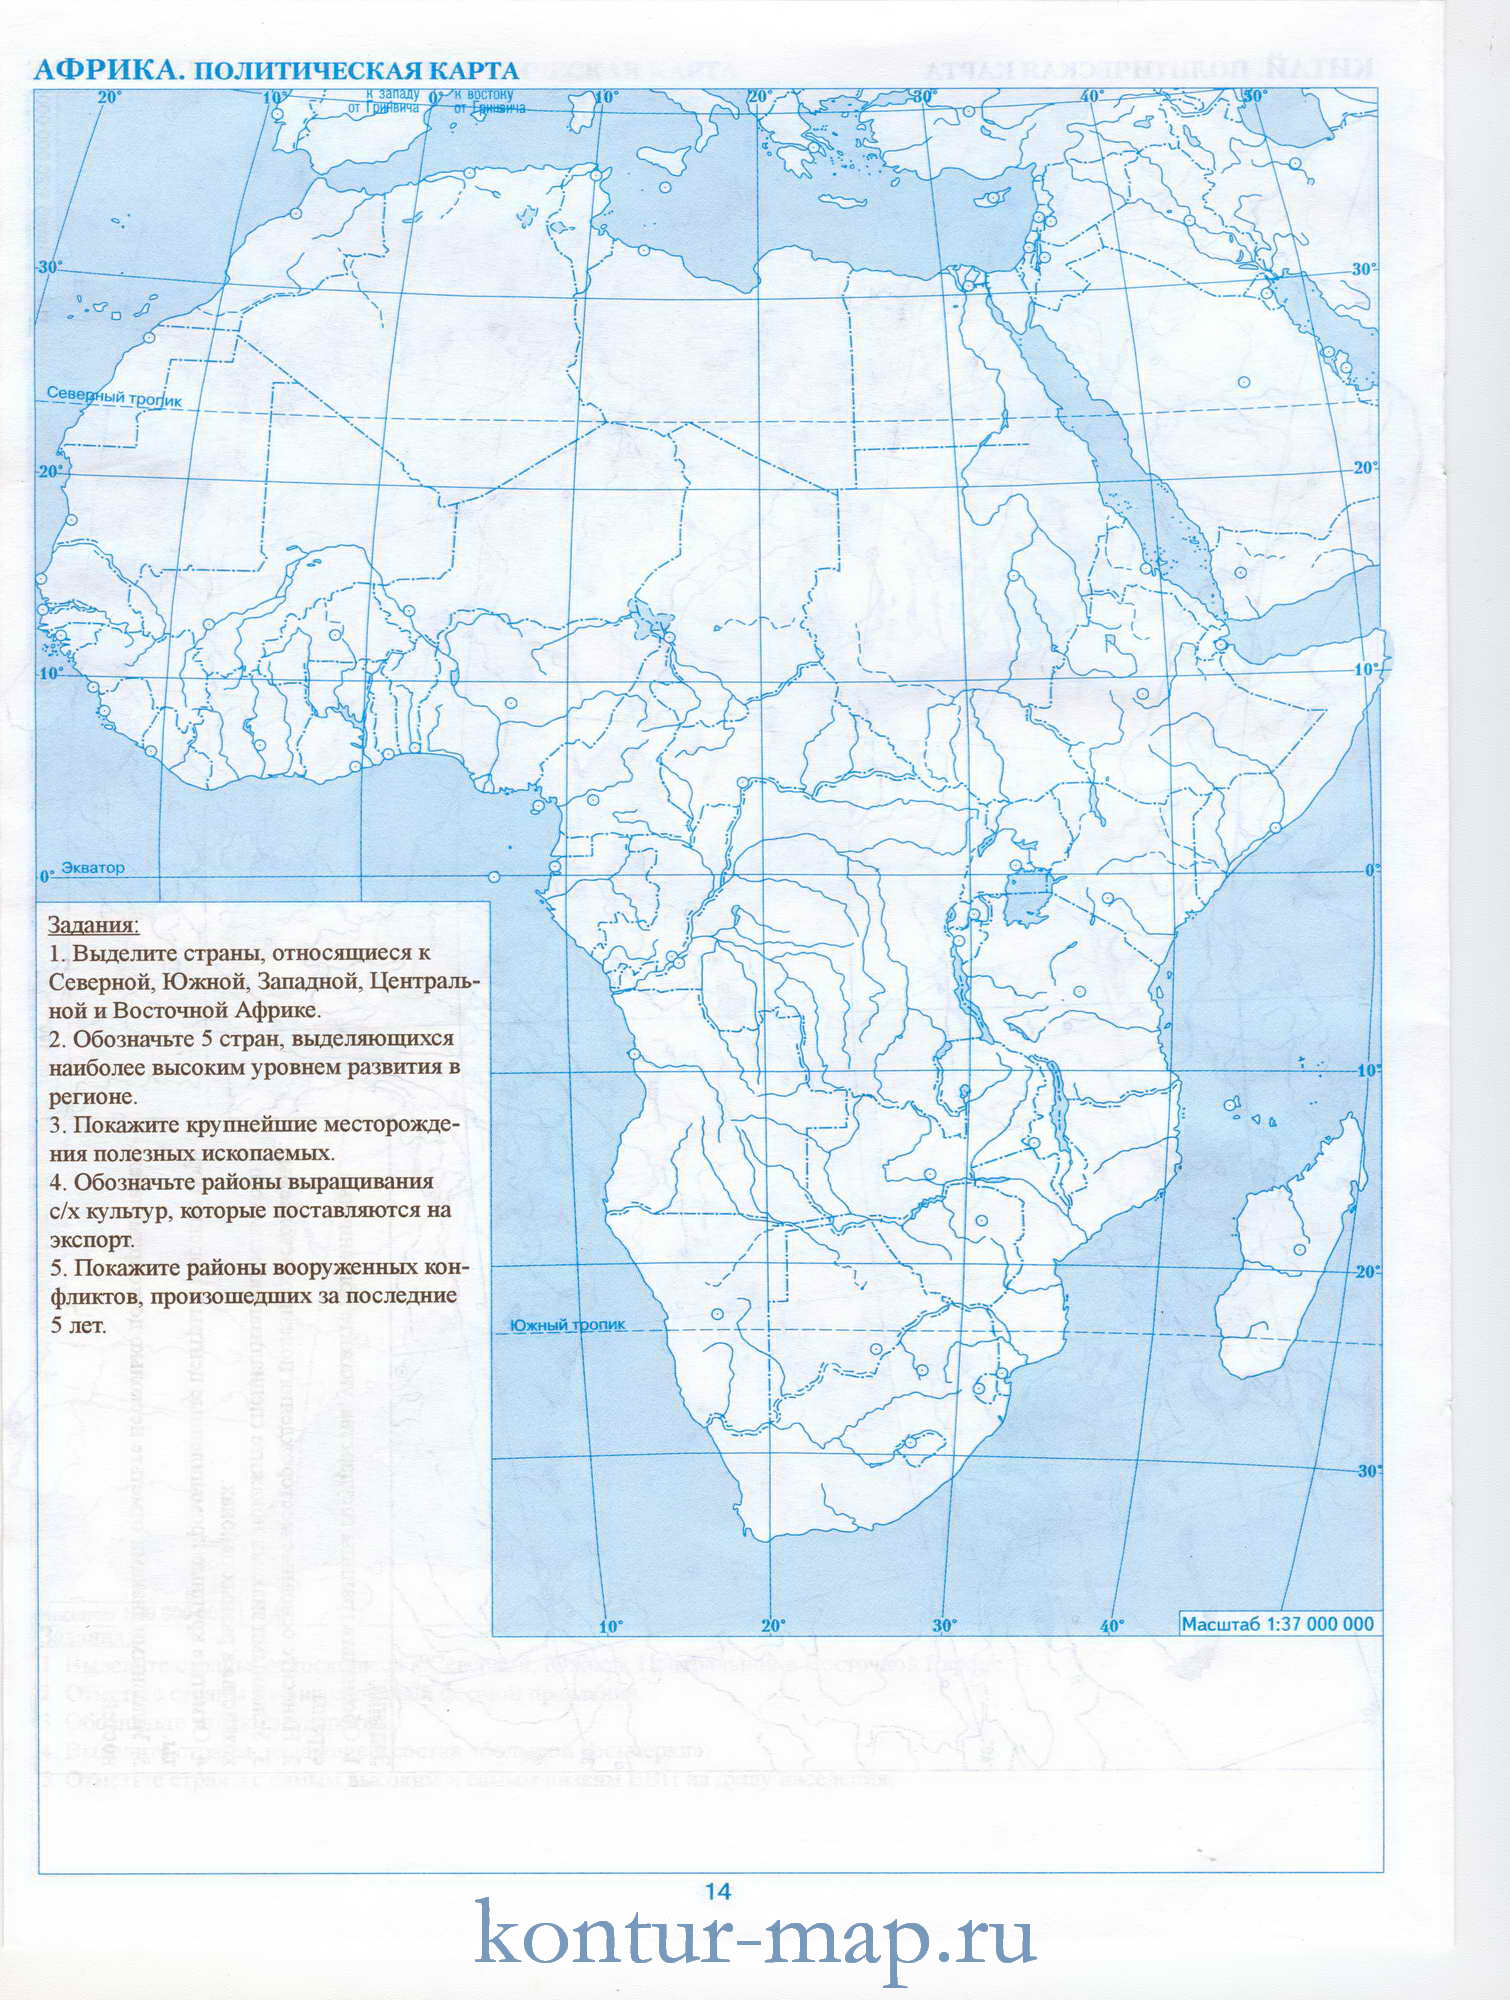 Контурная карта африки политическая